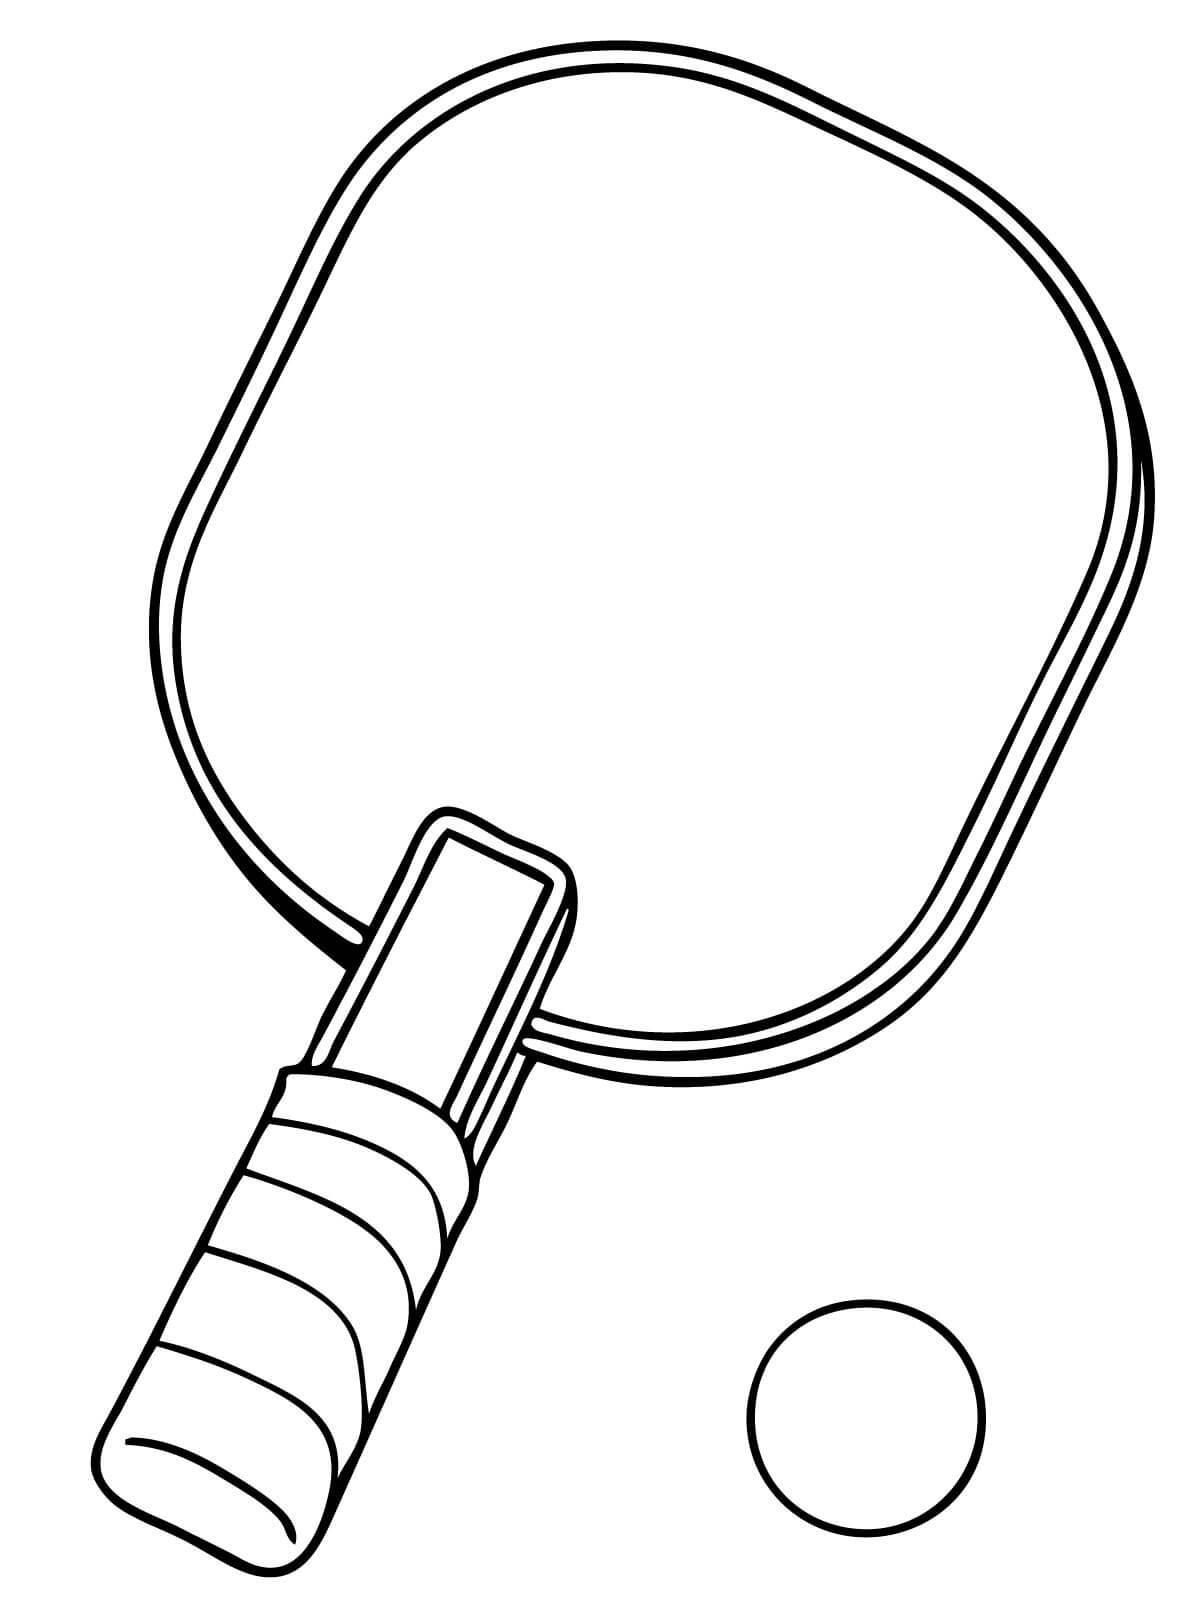 Квадратная ракетка для тенниса и шарик, мячик Раскраски для мальчиков